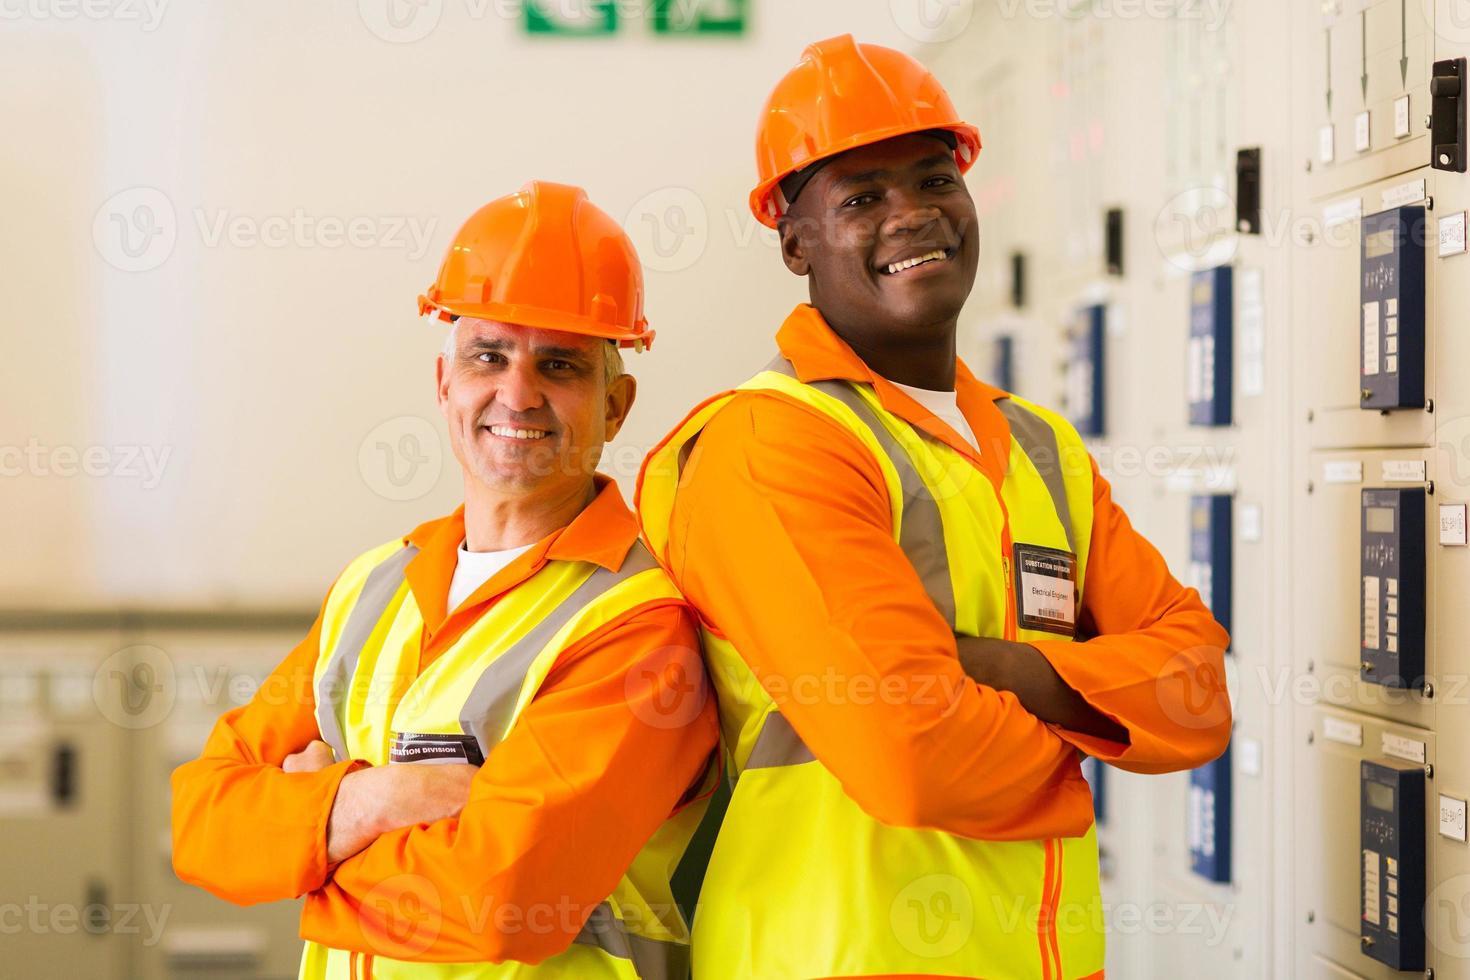 ingénieurs industriels avec les bras croisés dans la salle de contrôle de la centrale électrique photo